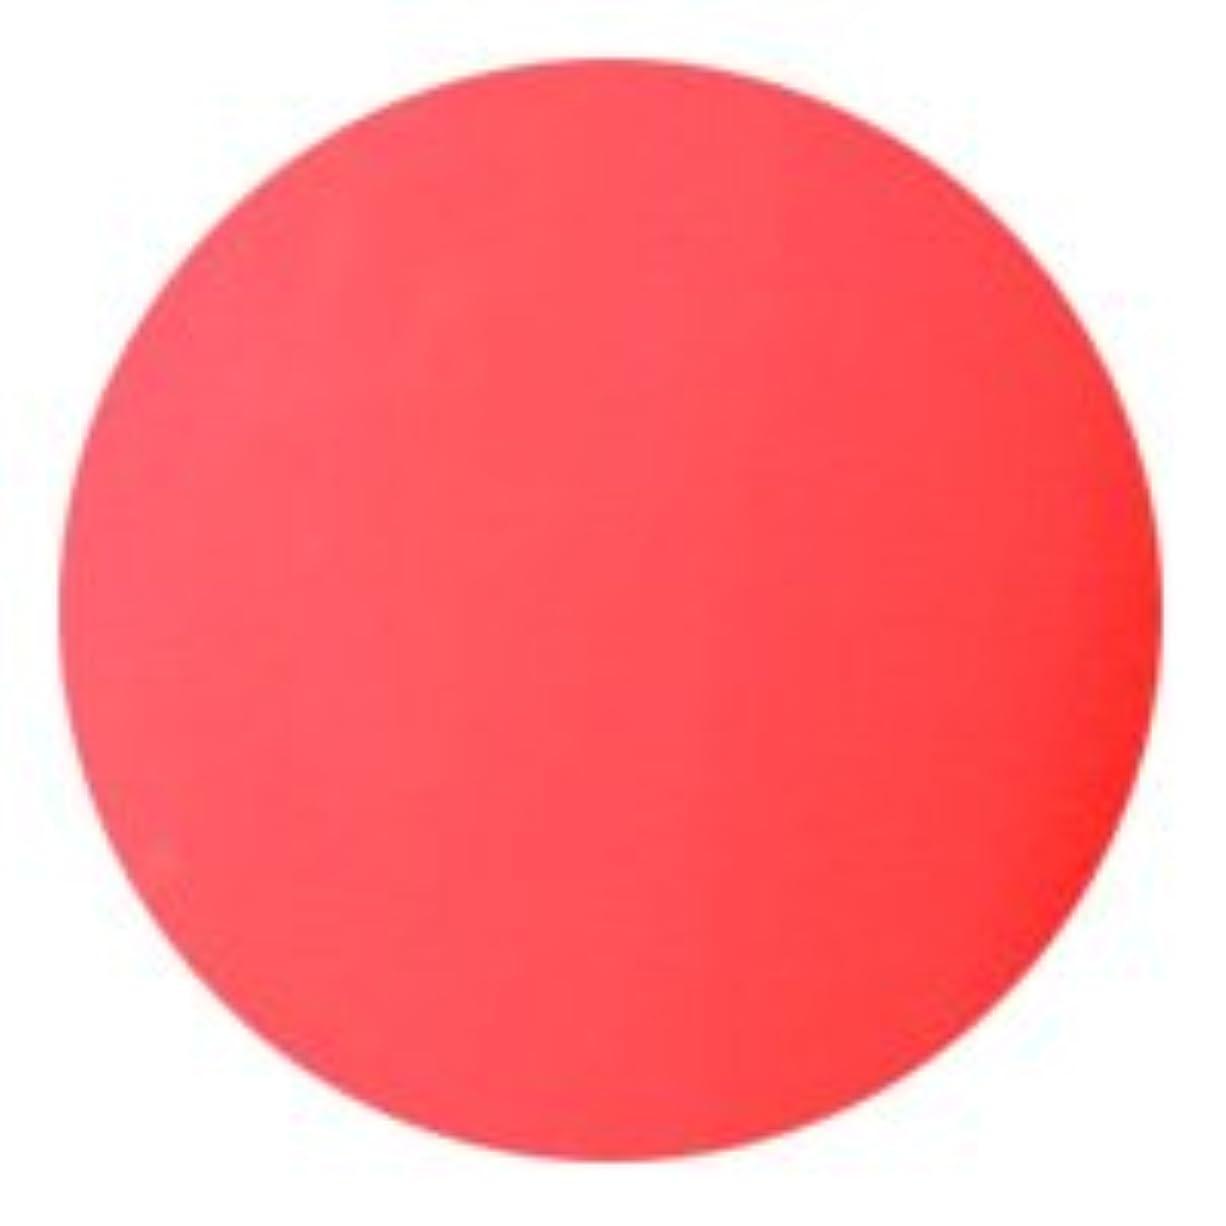 戦術層祈り★AKZENTZ(アクセンツ) UV/LED オプションズ 4g<BR>077 グラマーピンク